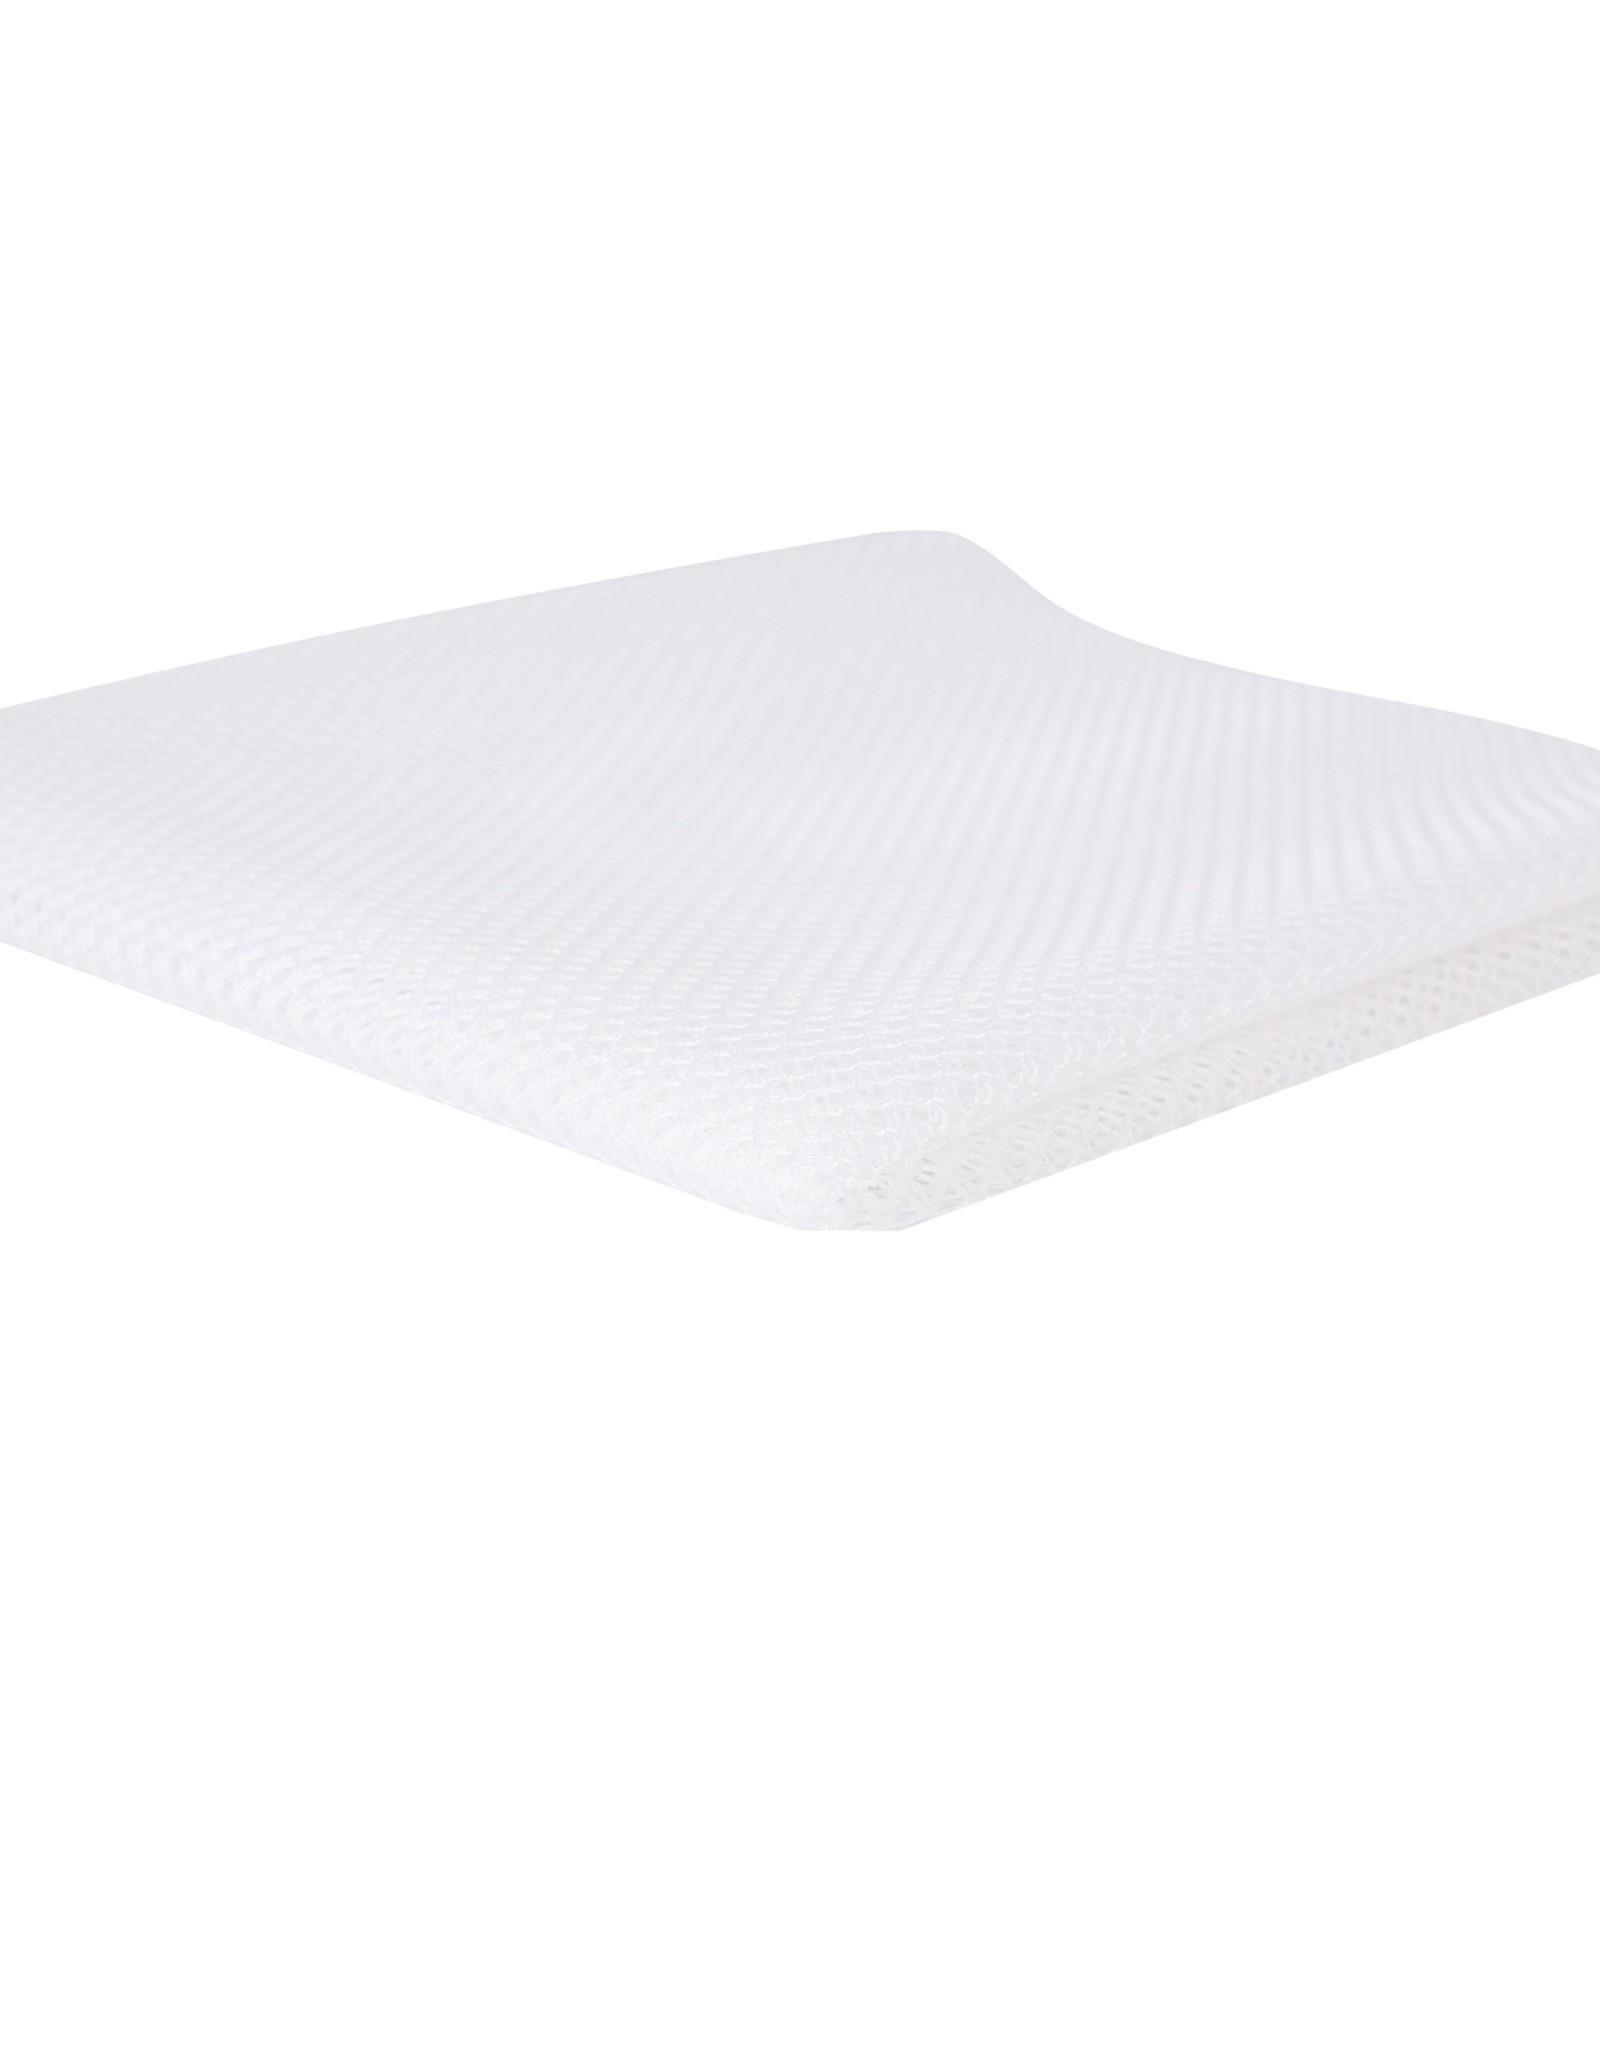 By Annie Mesh Fabric - 18 x 54 inch - White